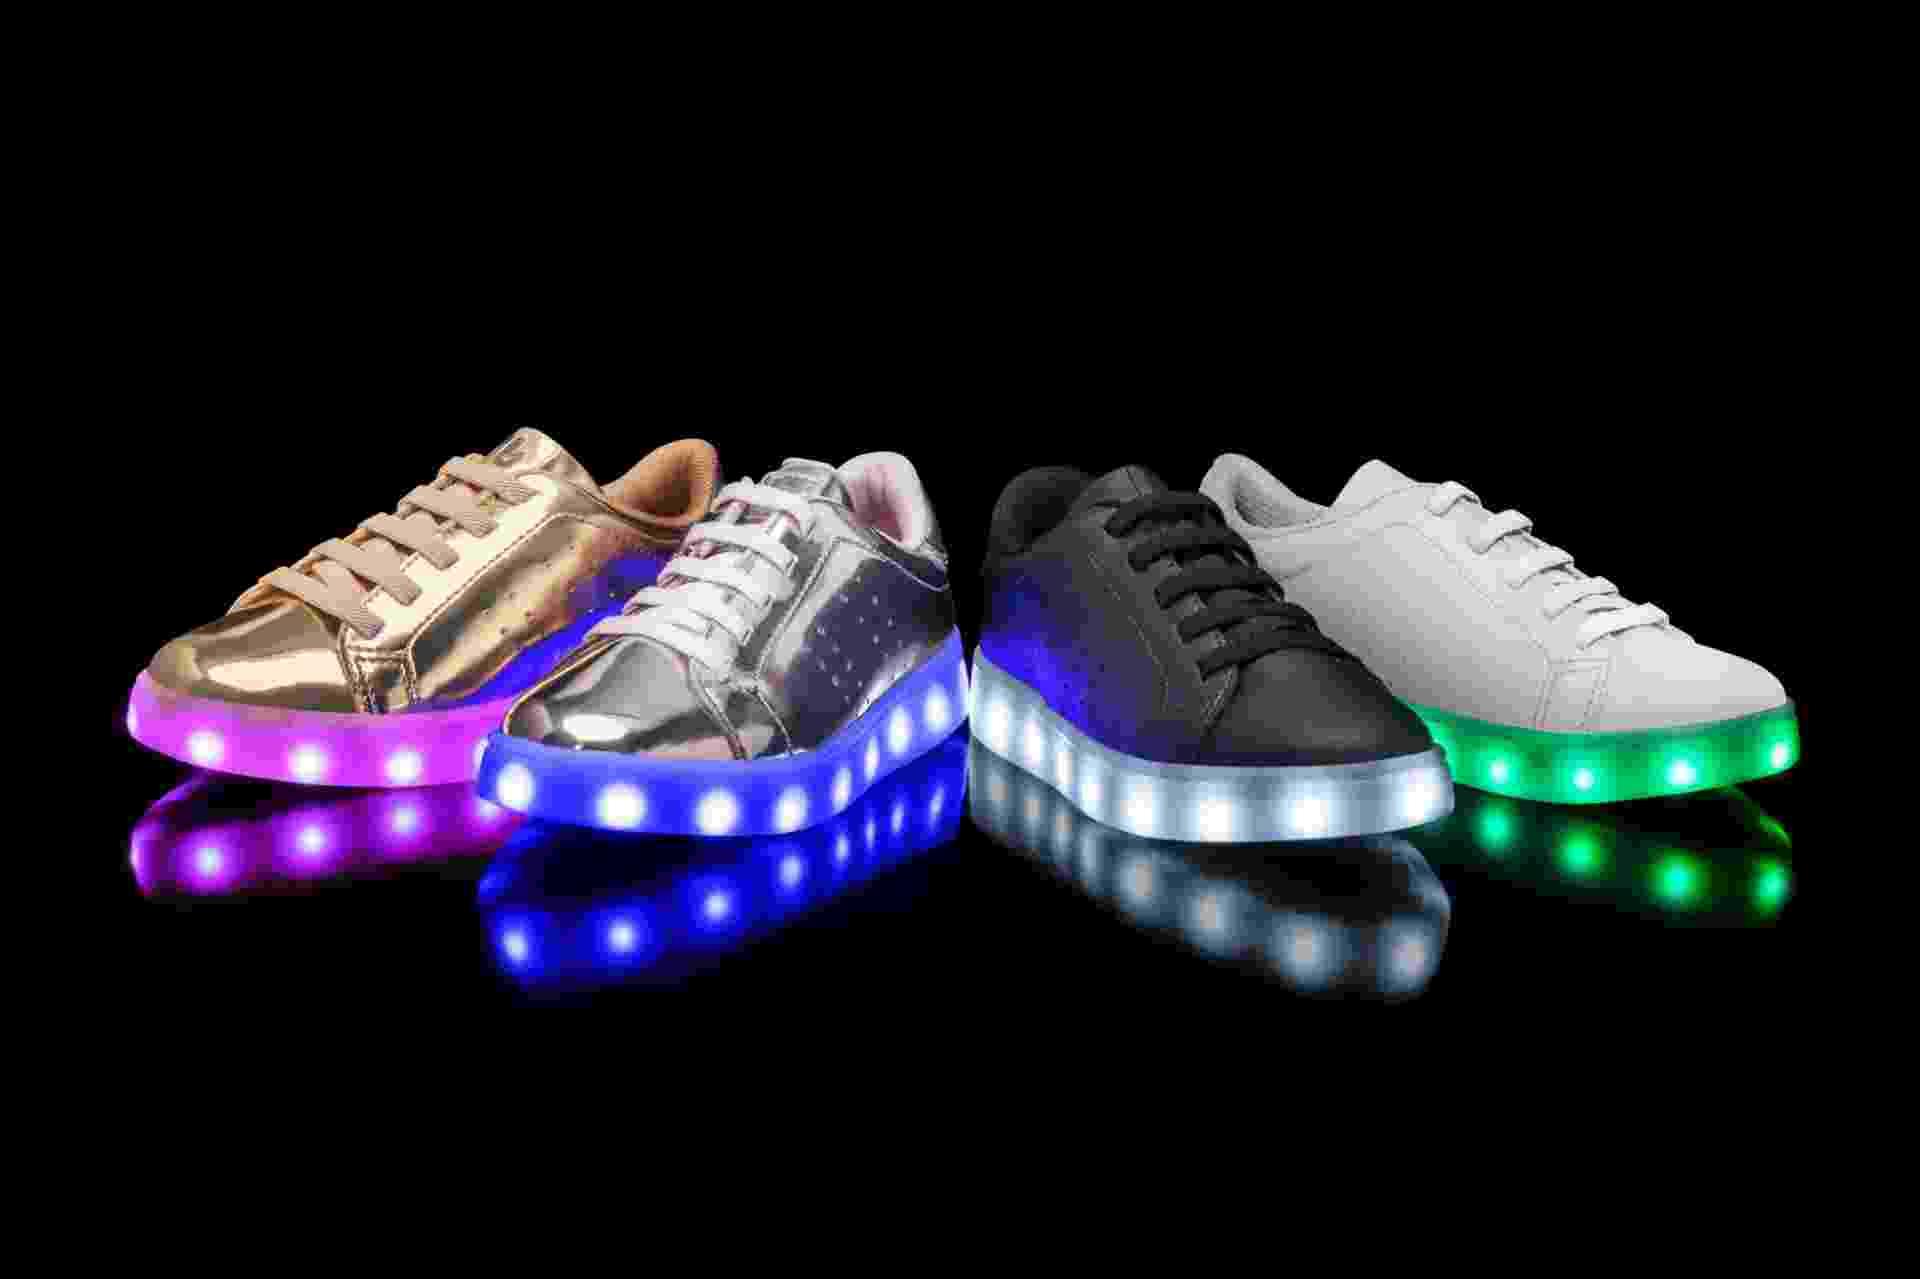 O tênis da Calçados Bibi pisca em sete cores diferentes (branco, vermelho, rosa, azul claro, azul escuro, amarelo e verde) e vem com cabo USB para ser recarregado. O modelo Cliqu3-se Colors custa, em média, R$ 219,90 - Divulgação